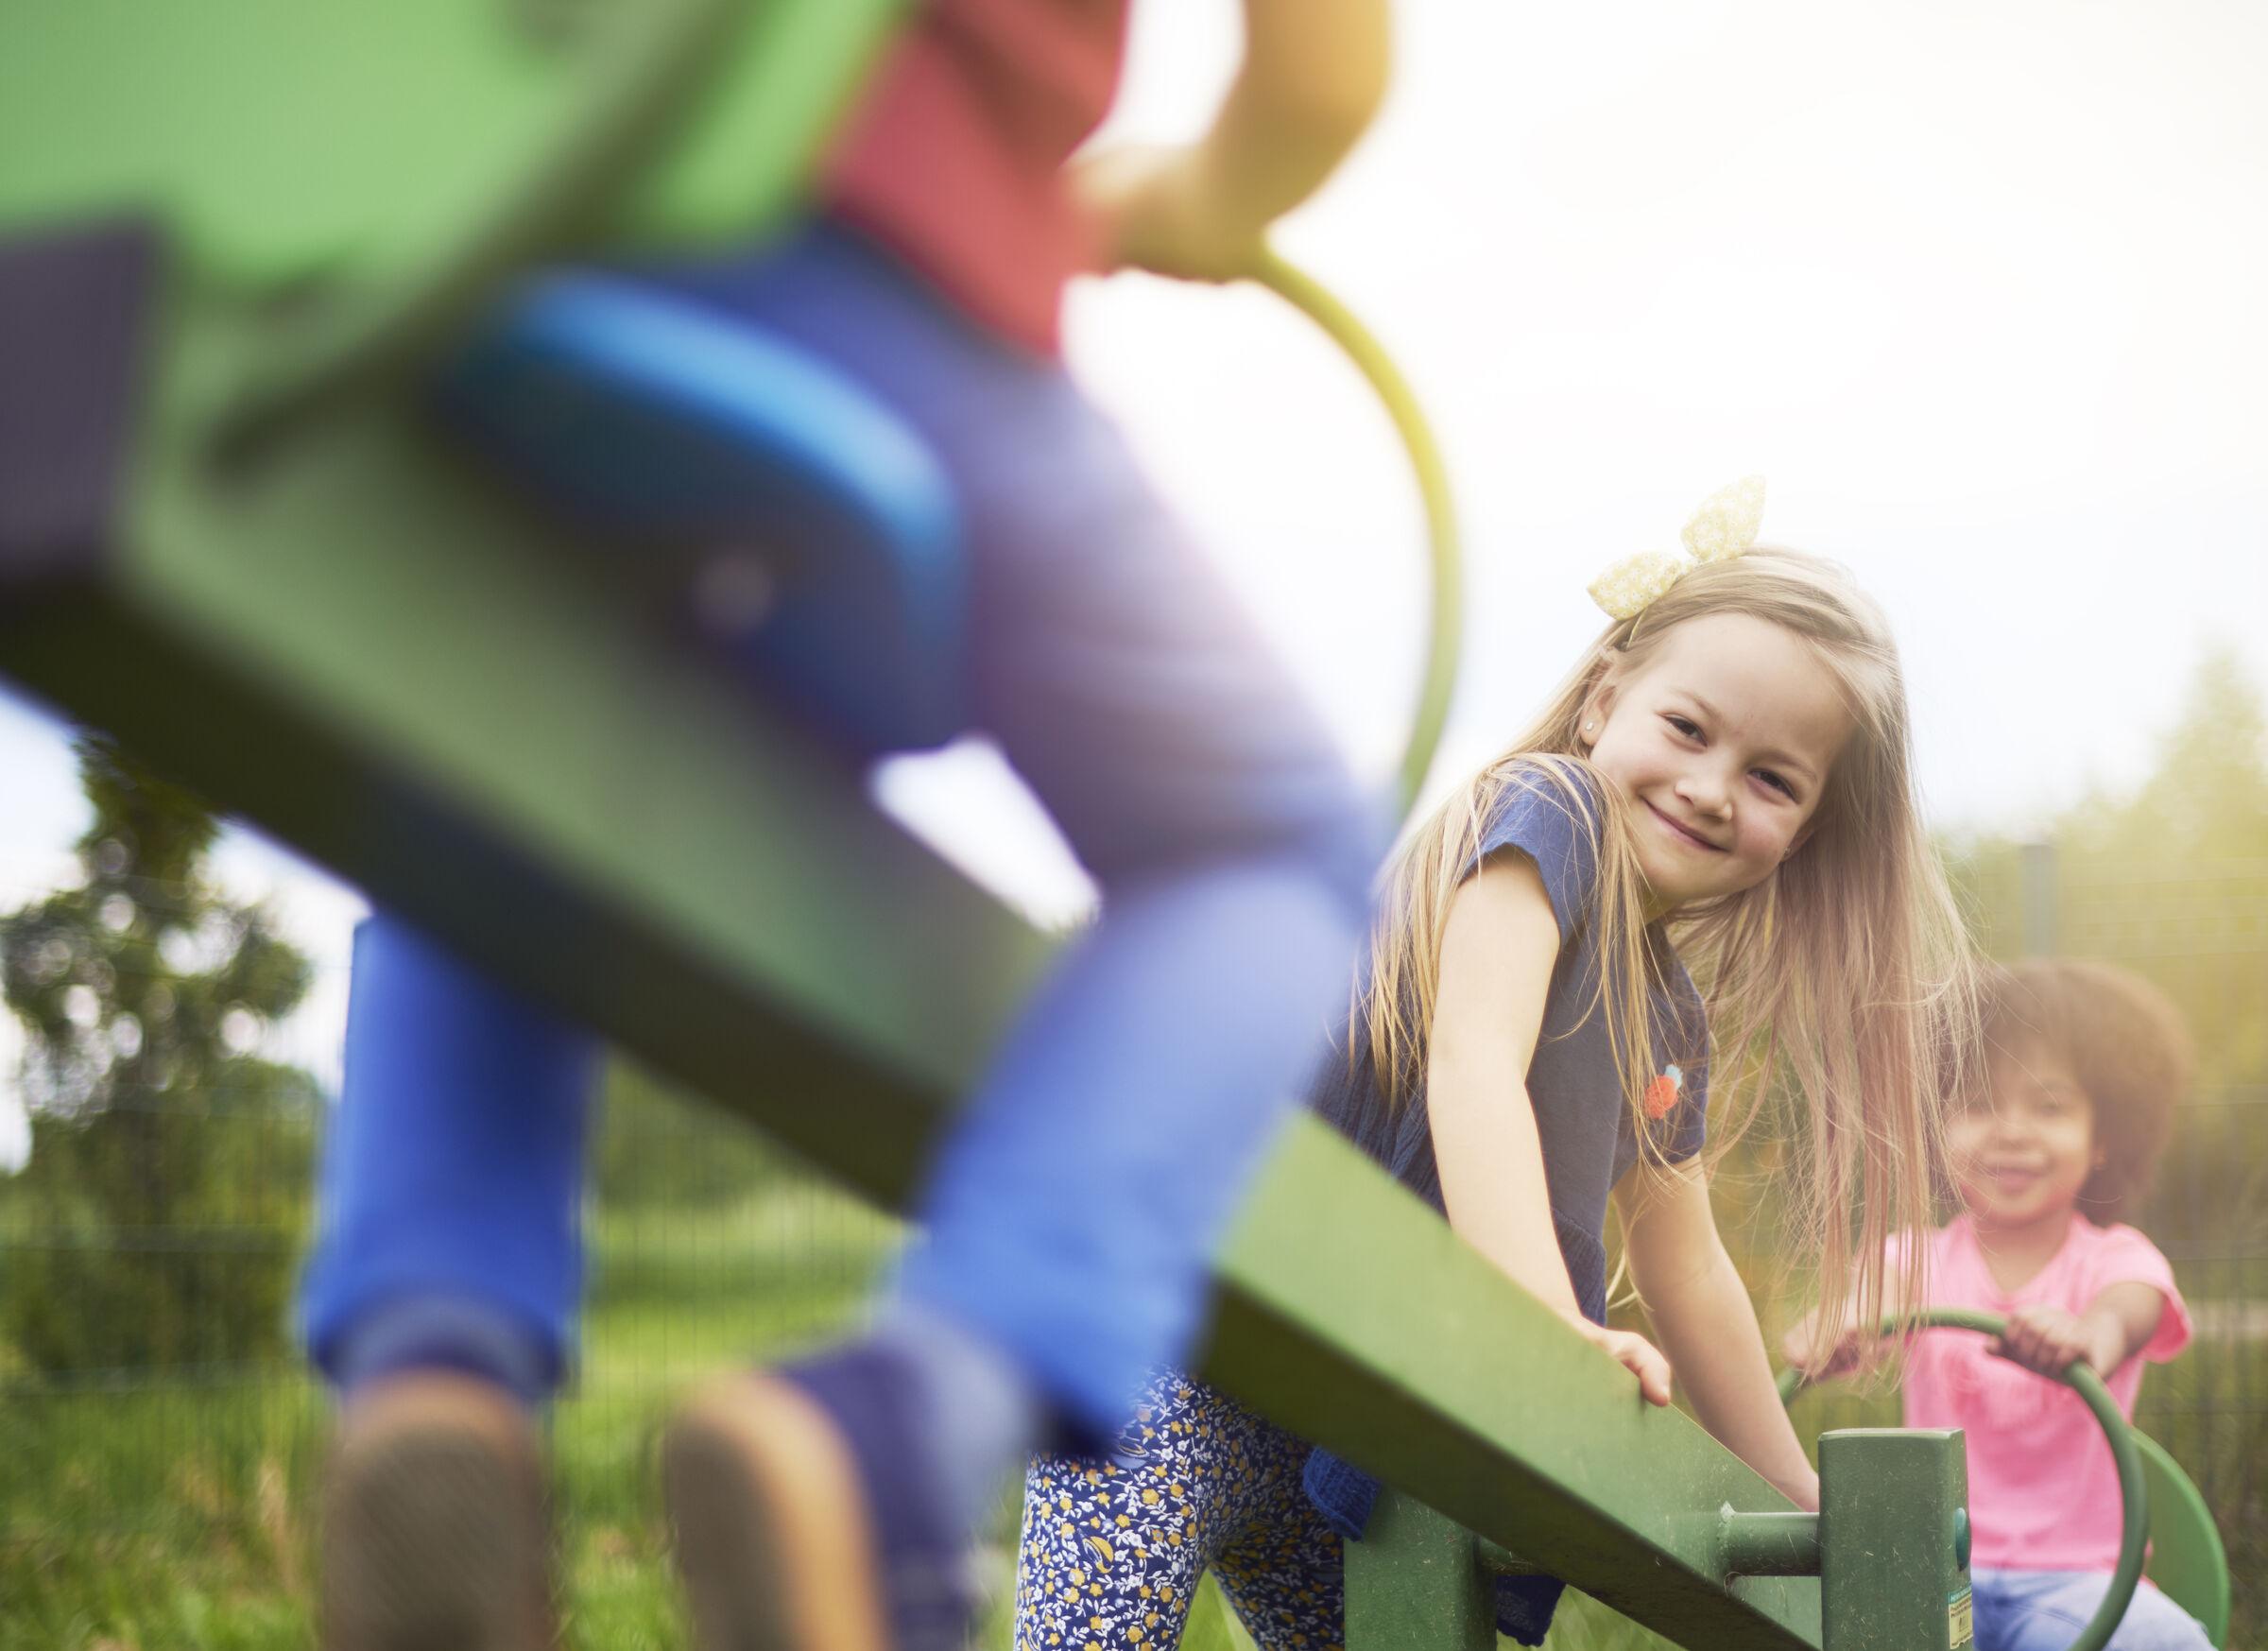 Crianças brincando no parquinho - acidentes domésticos no verão